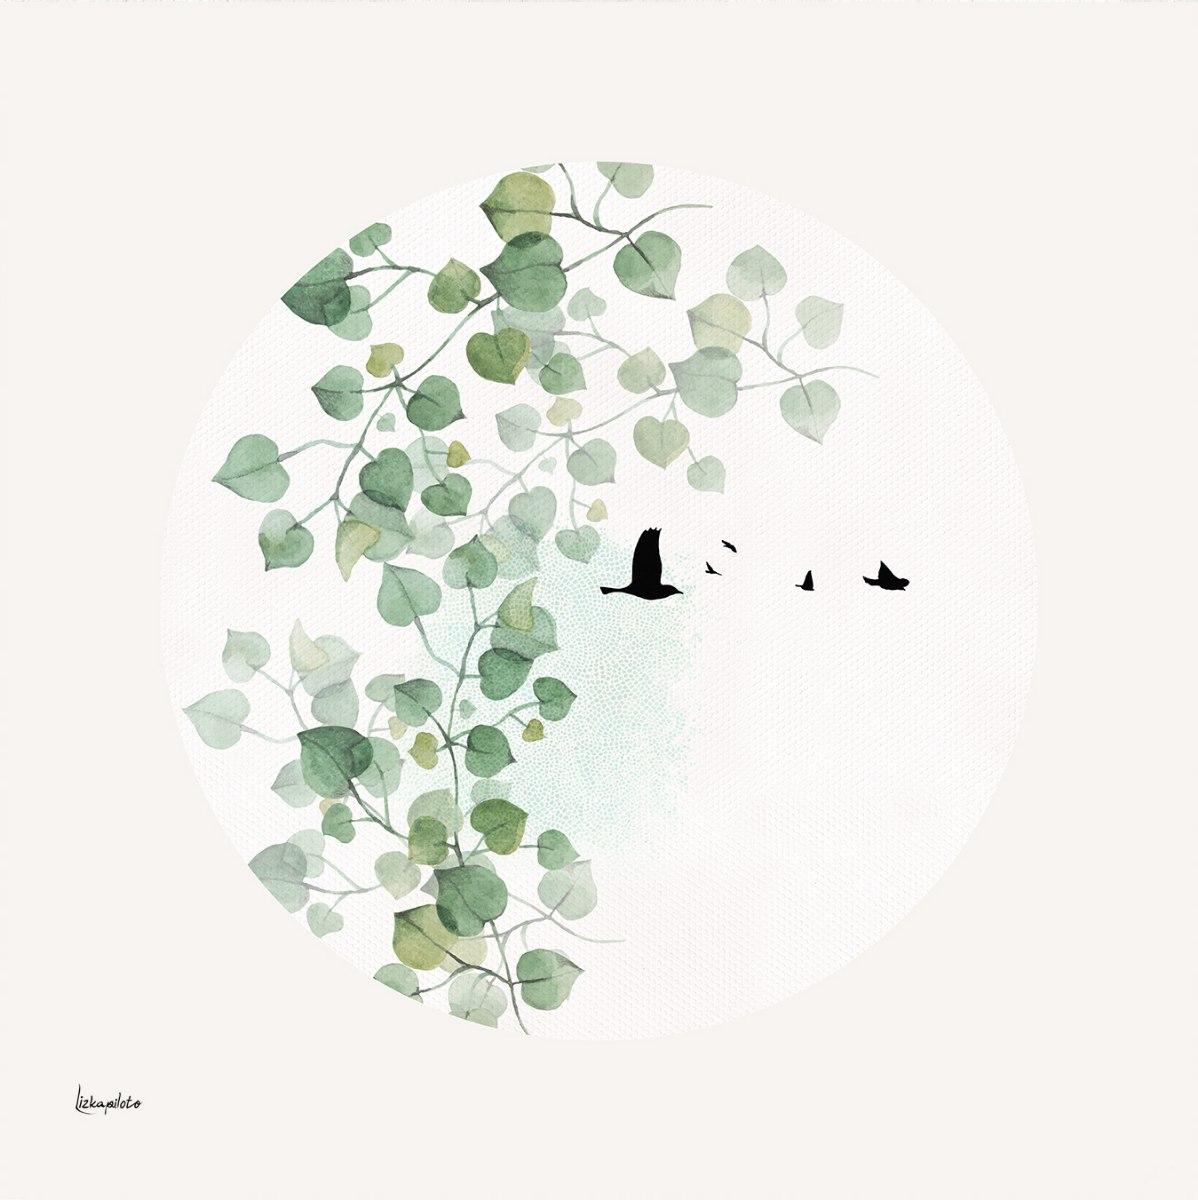 תמונה מינימליסטית של עלים